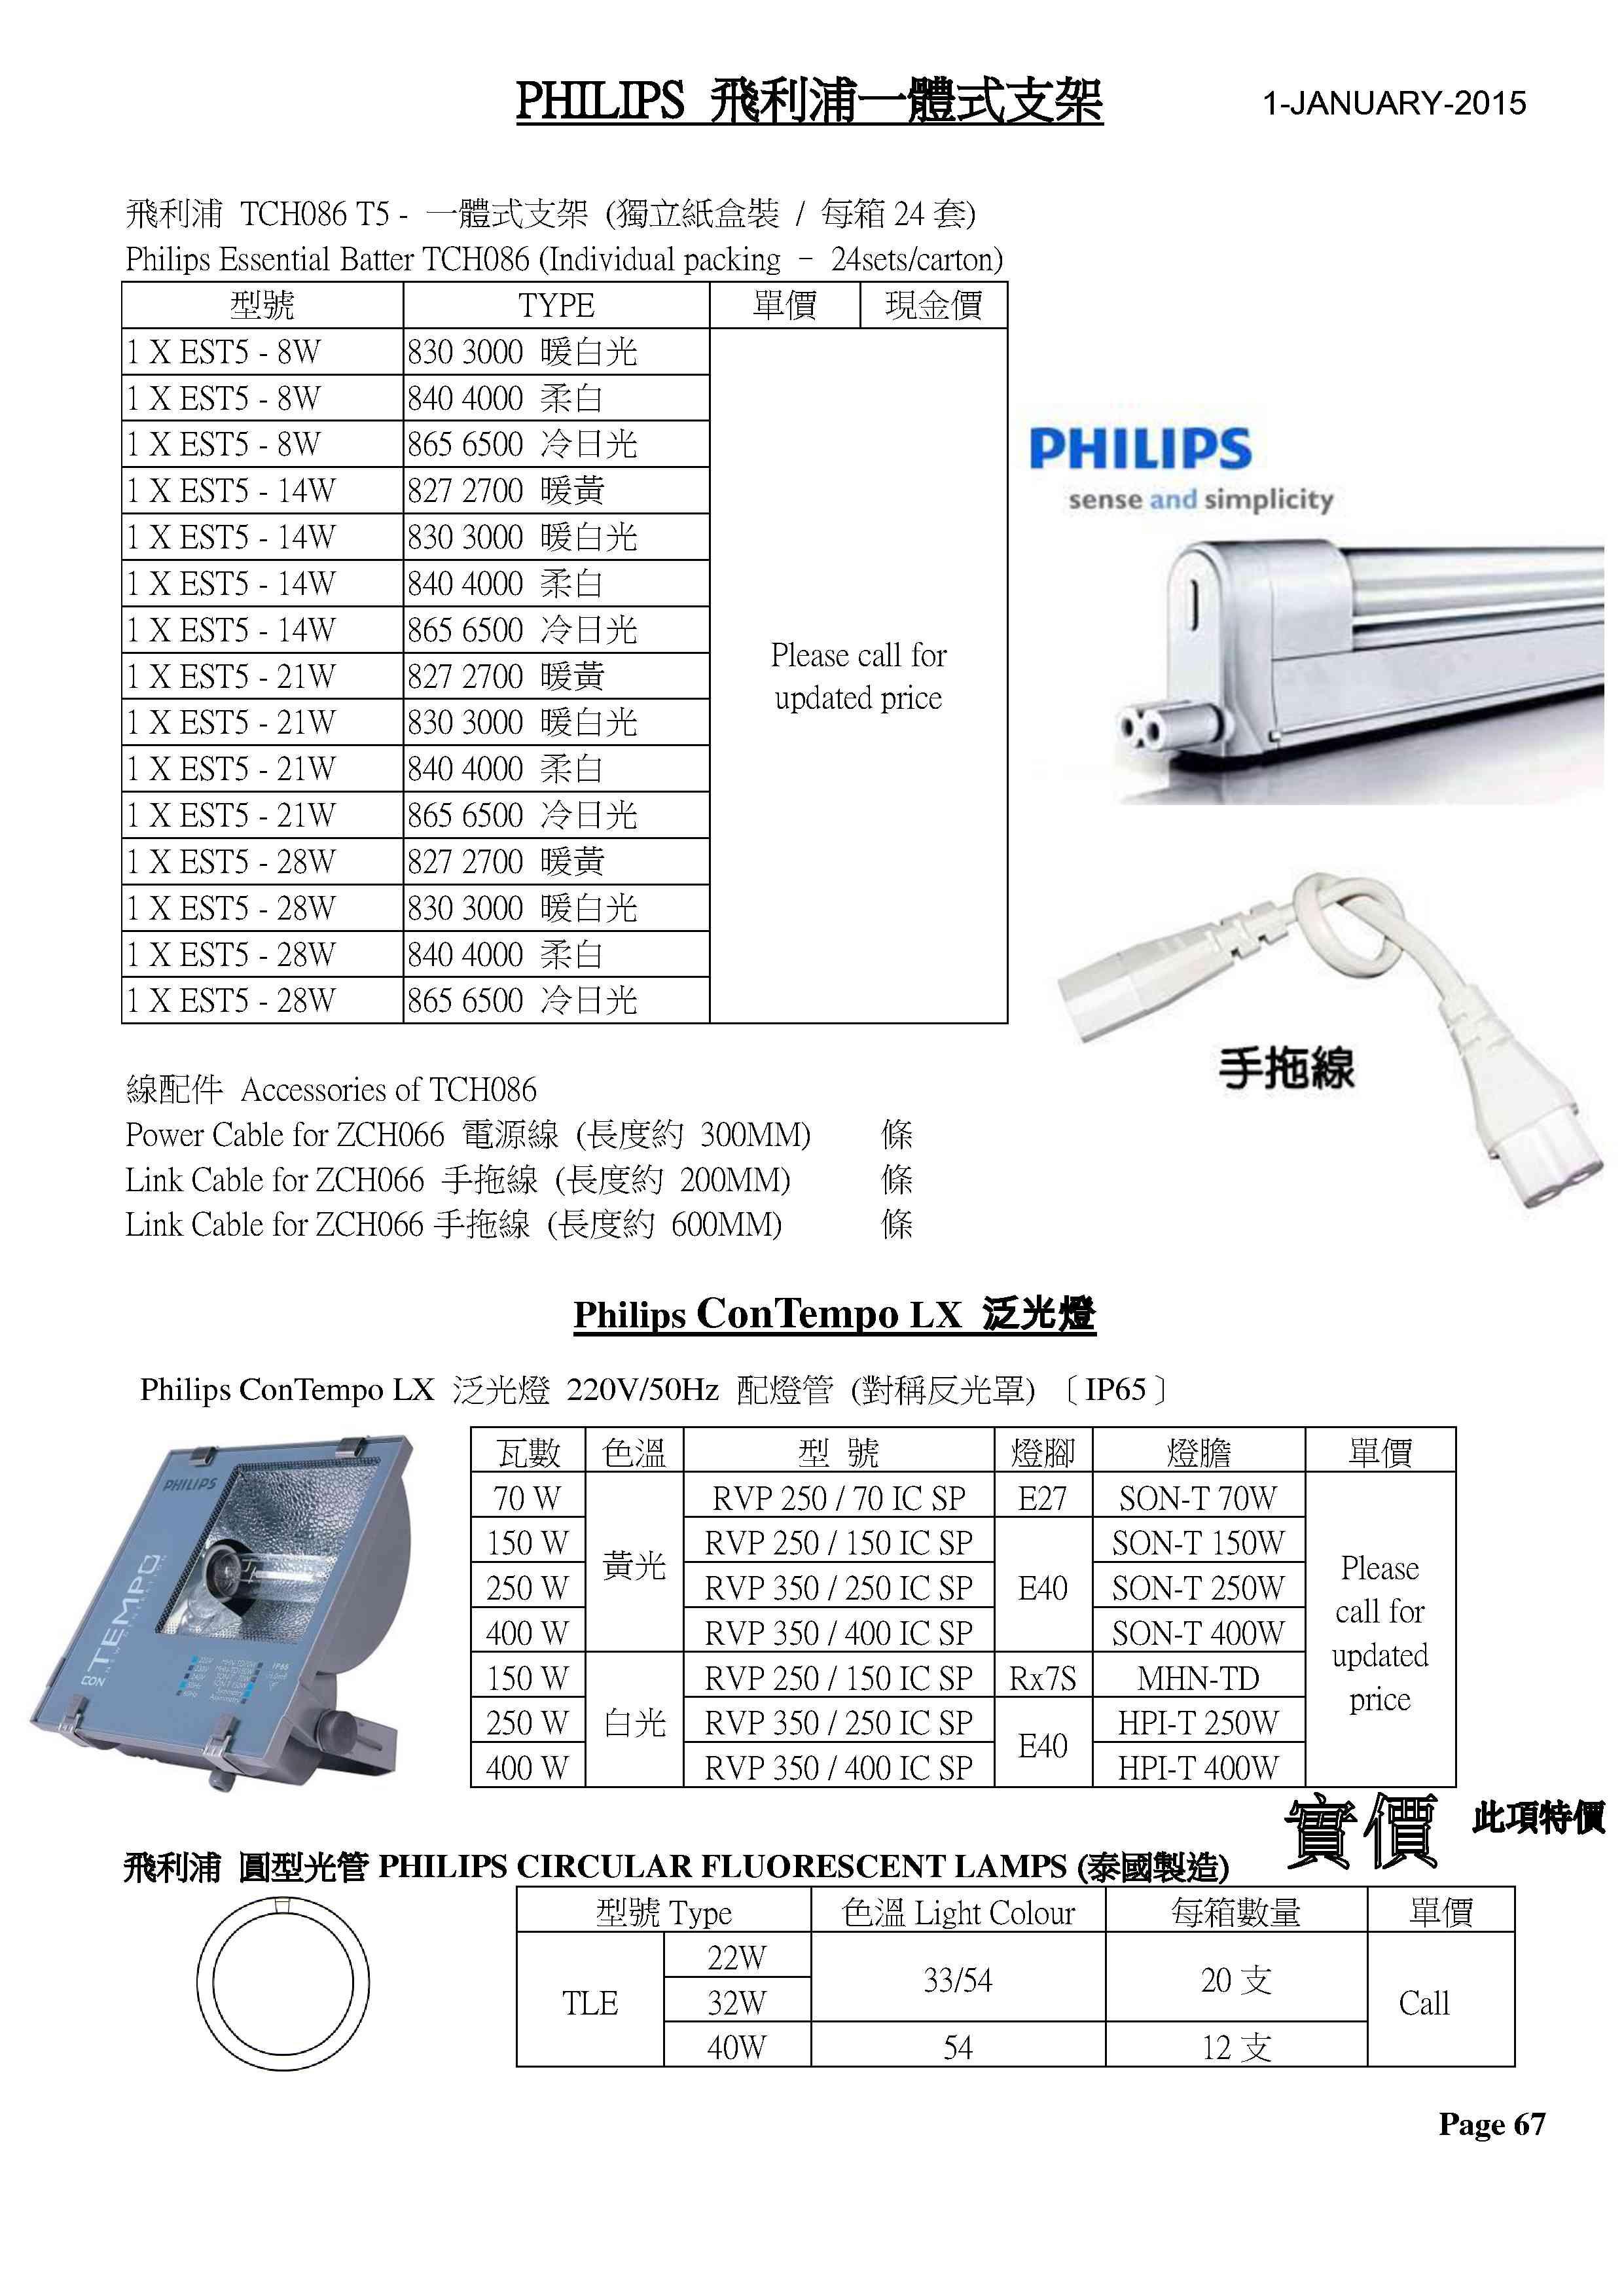 P67- Philips 飛利浦一體式支架 + contempo1